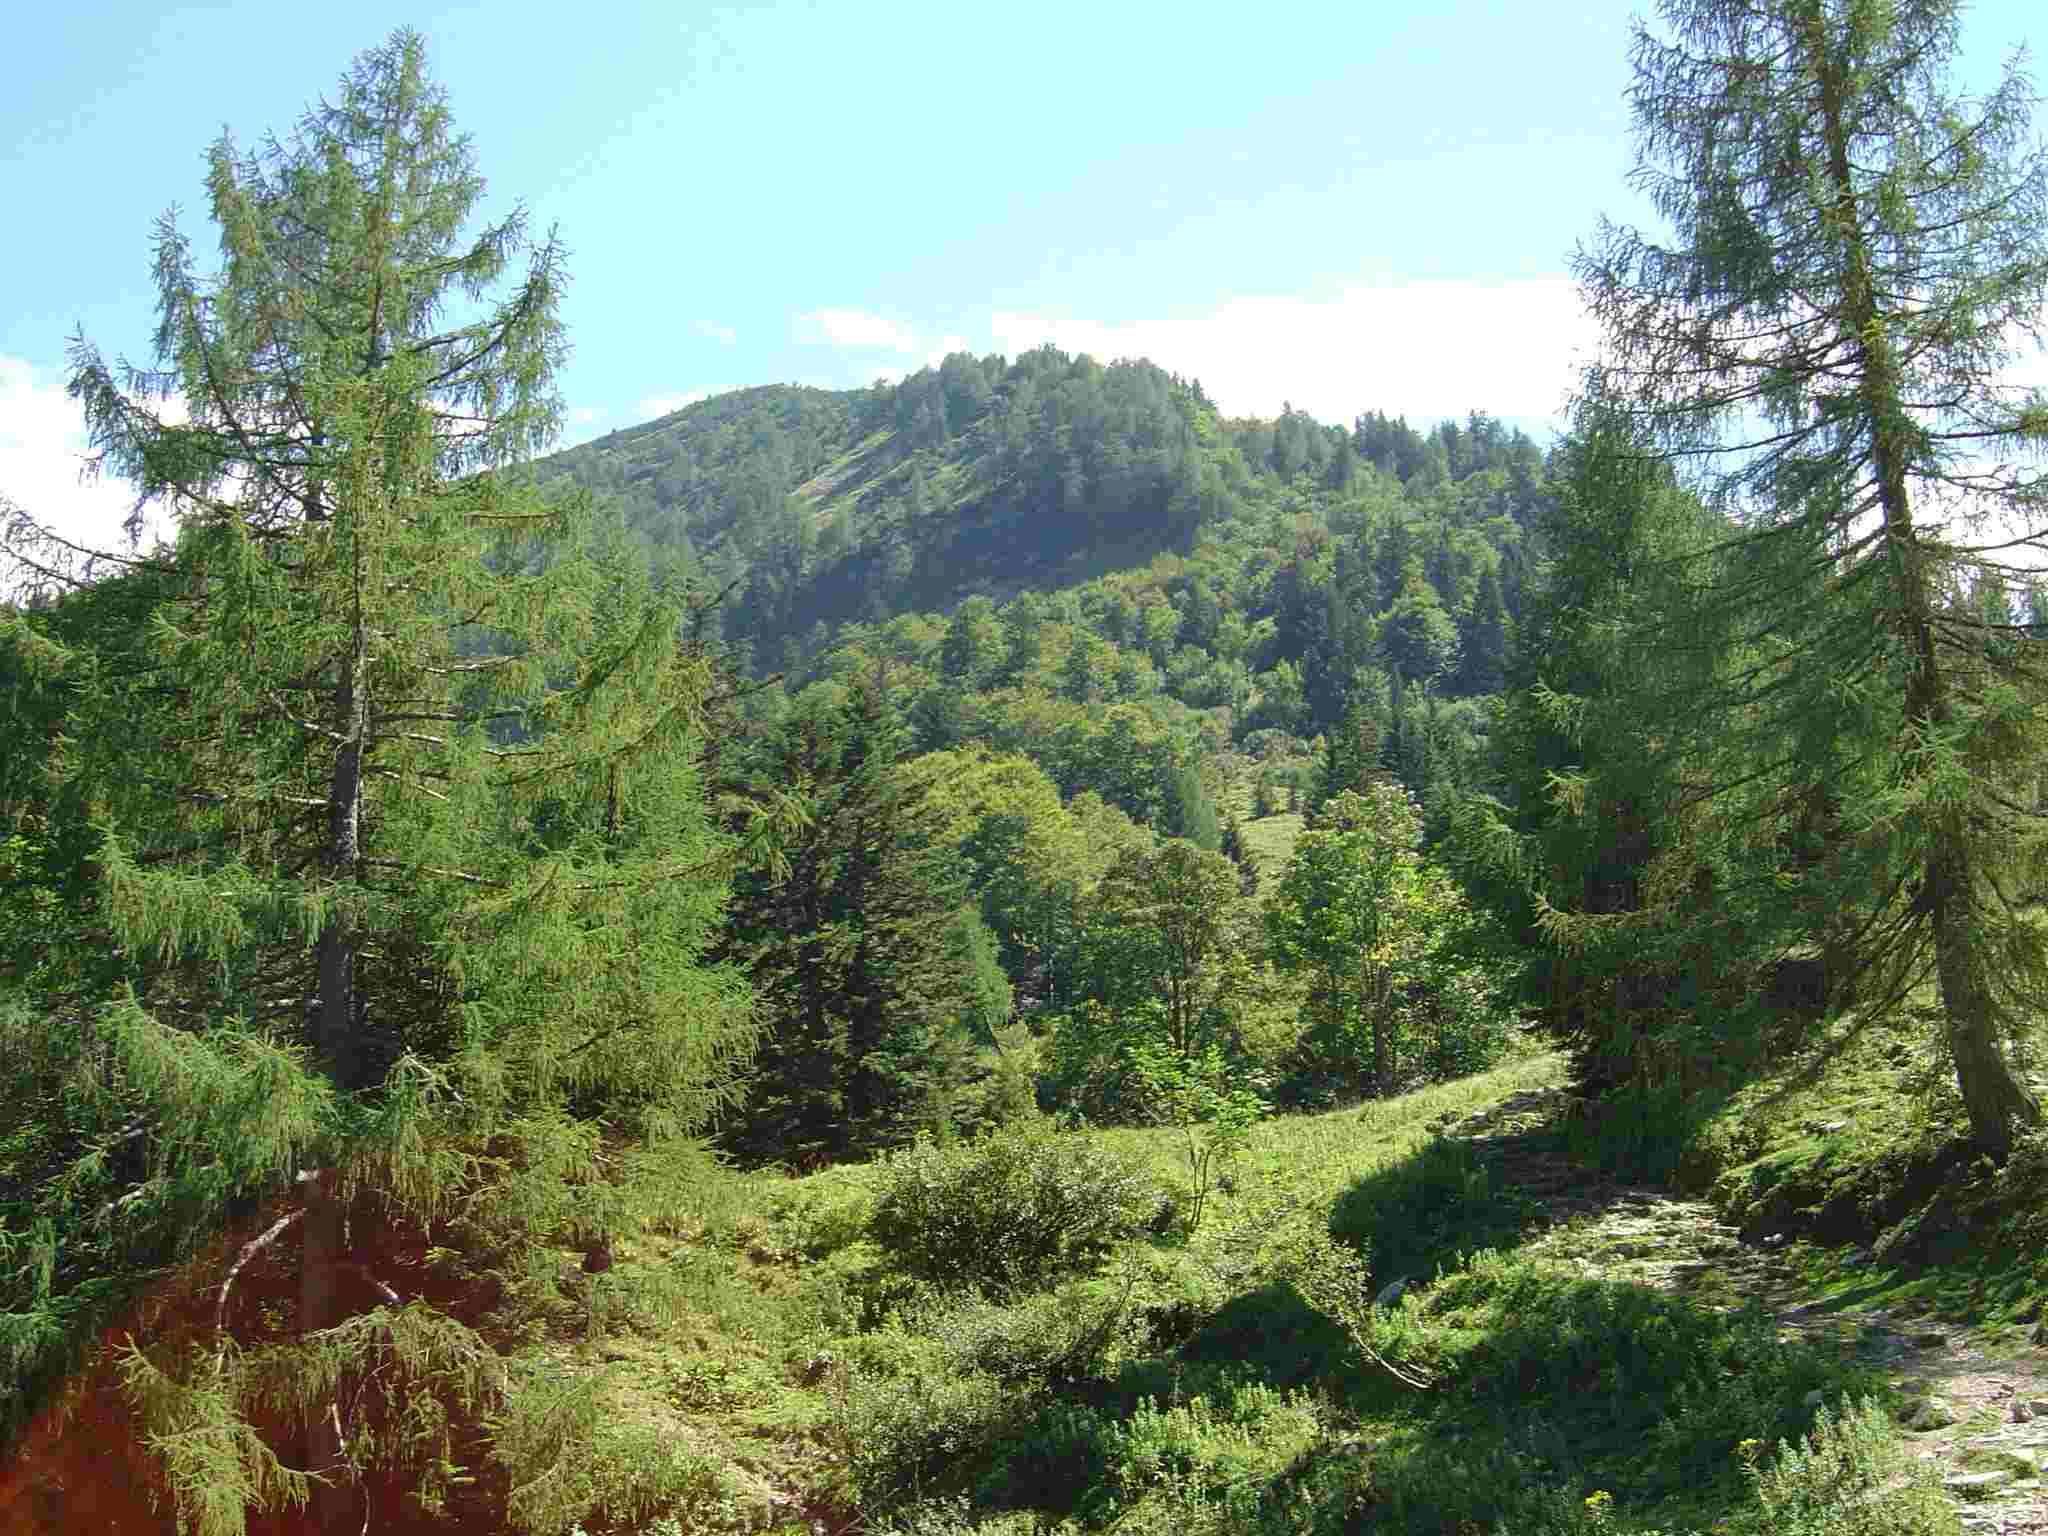 Foto: Manfred Karl / Wander Tour / Über den Nordostgrat auf den Regenspitz / Regenspitz, rechts der Abstiegsweg / 20.06.2007 18:21:50